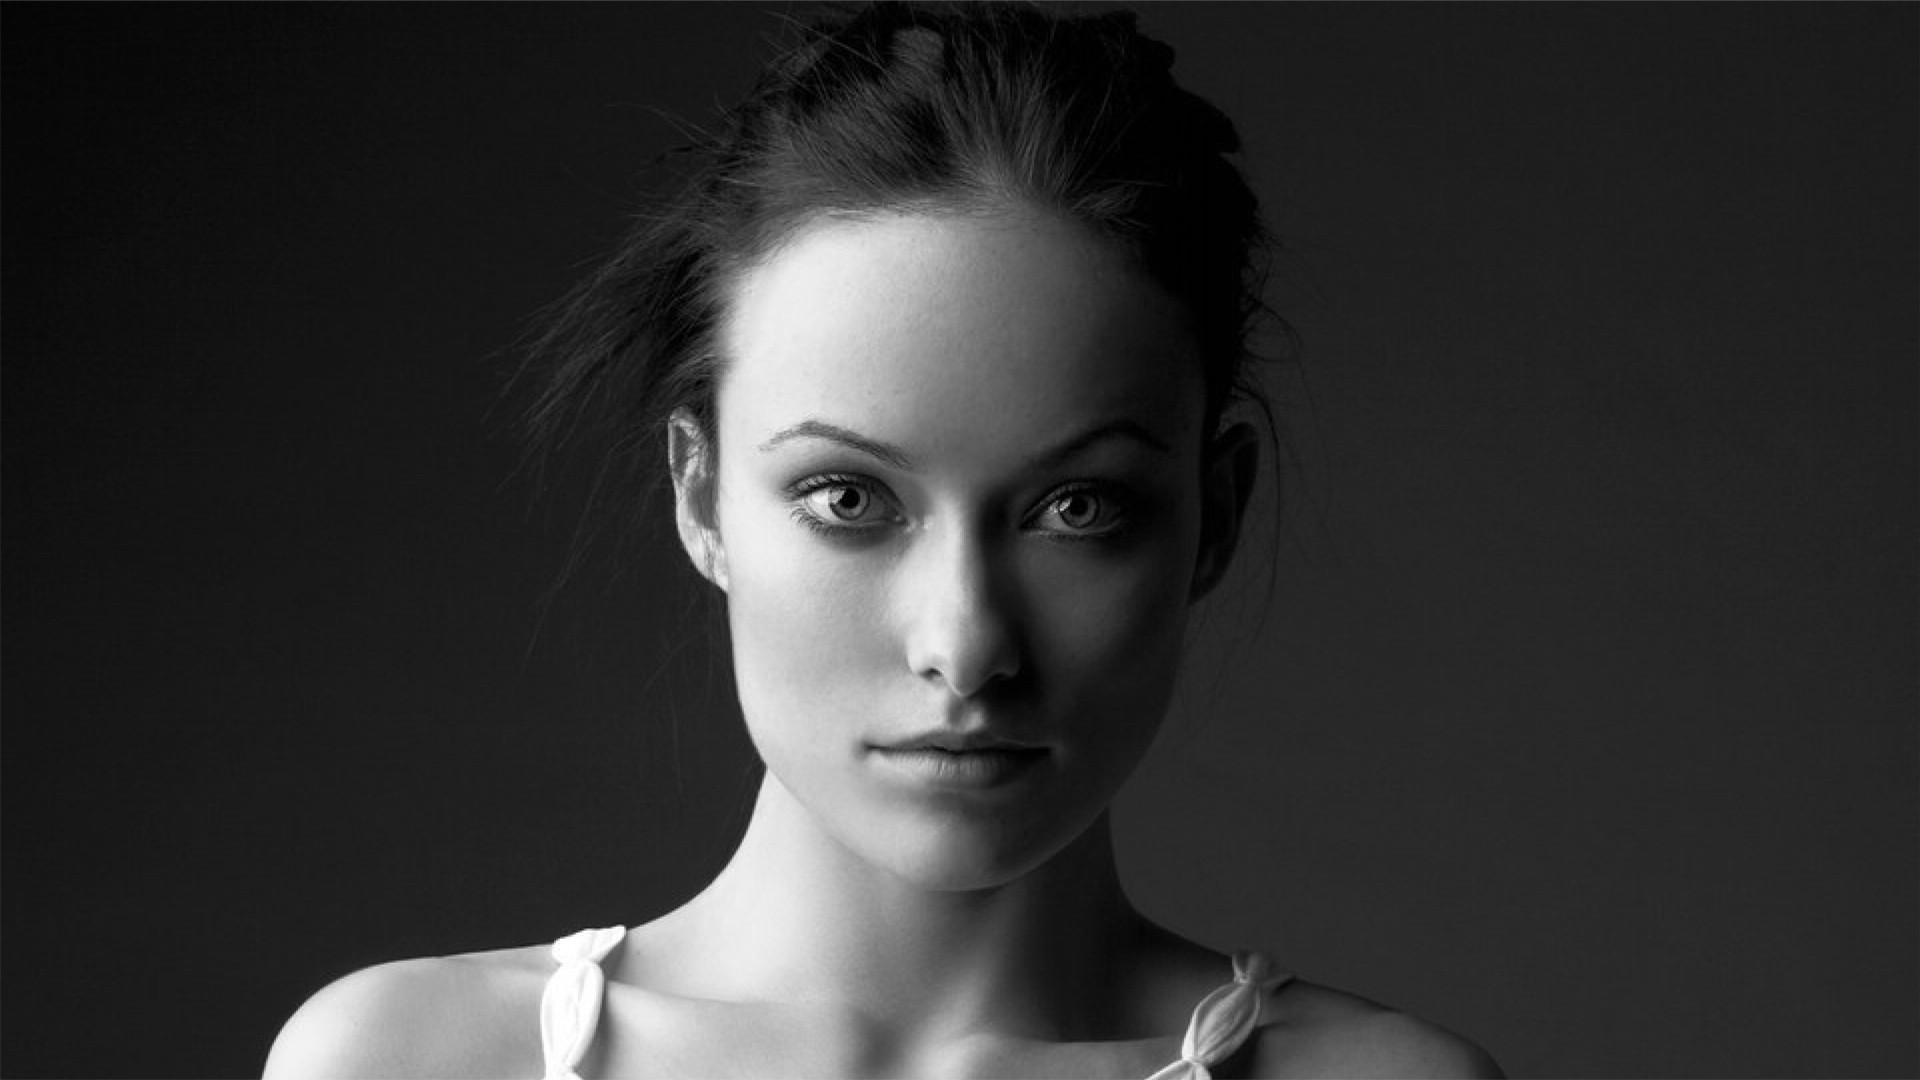 Portréfotózás - NextFoto